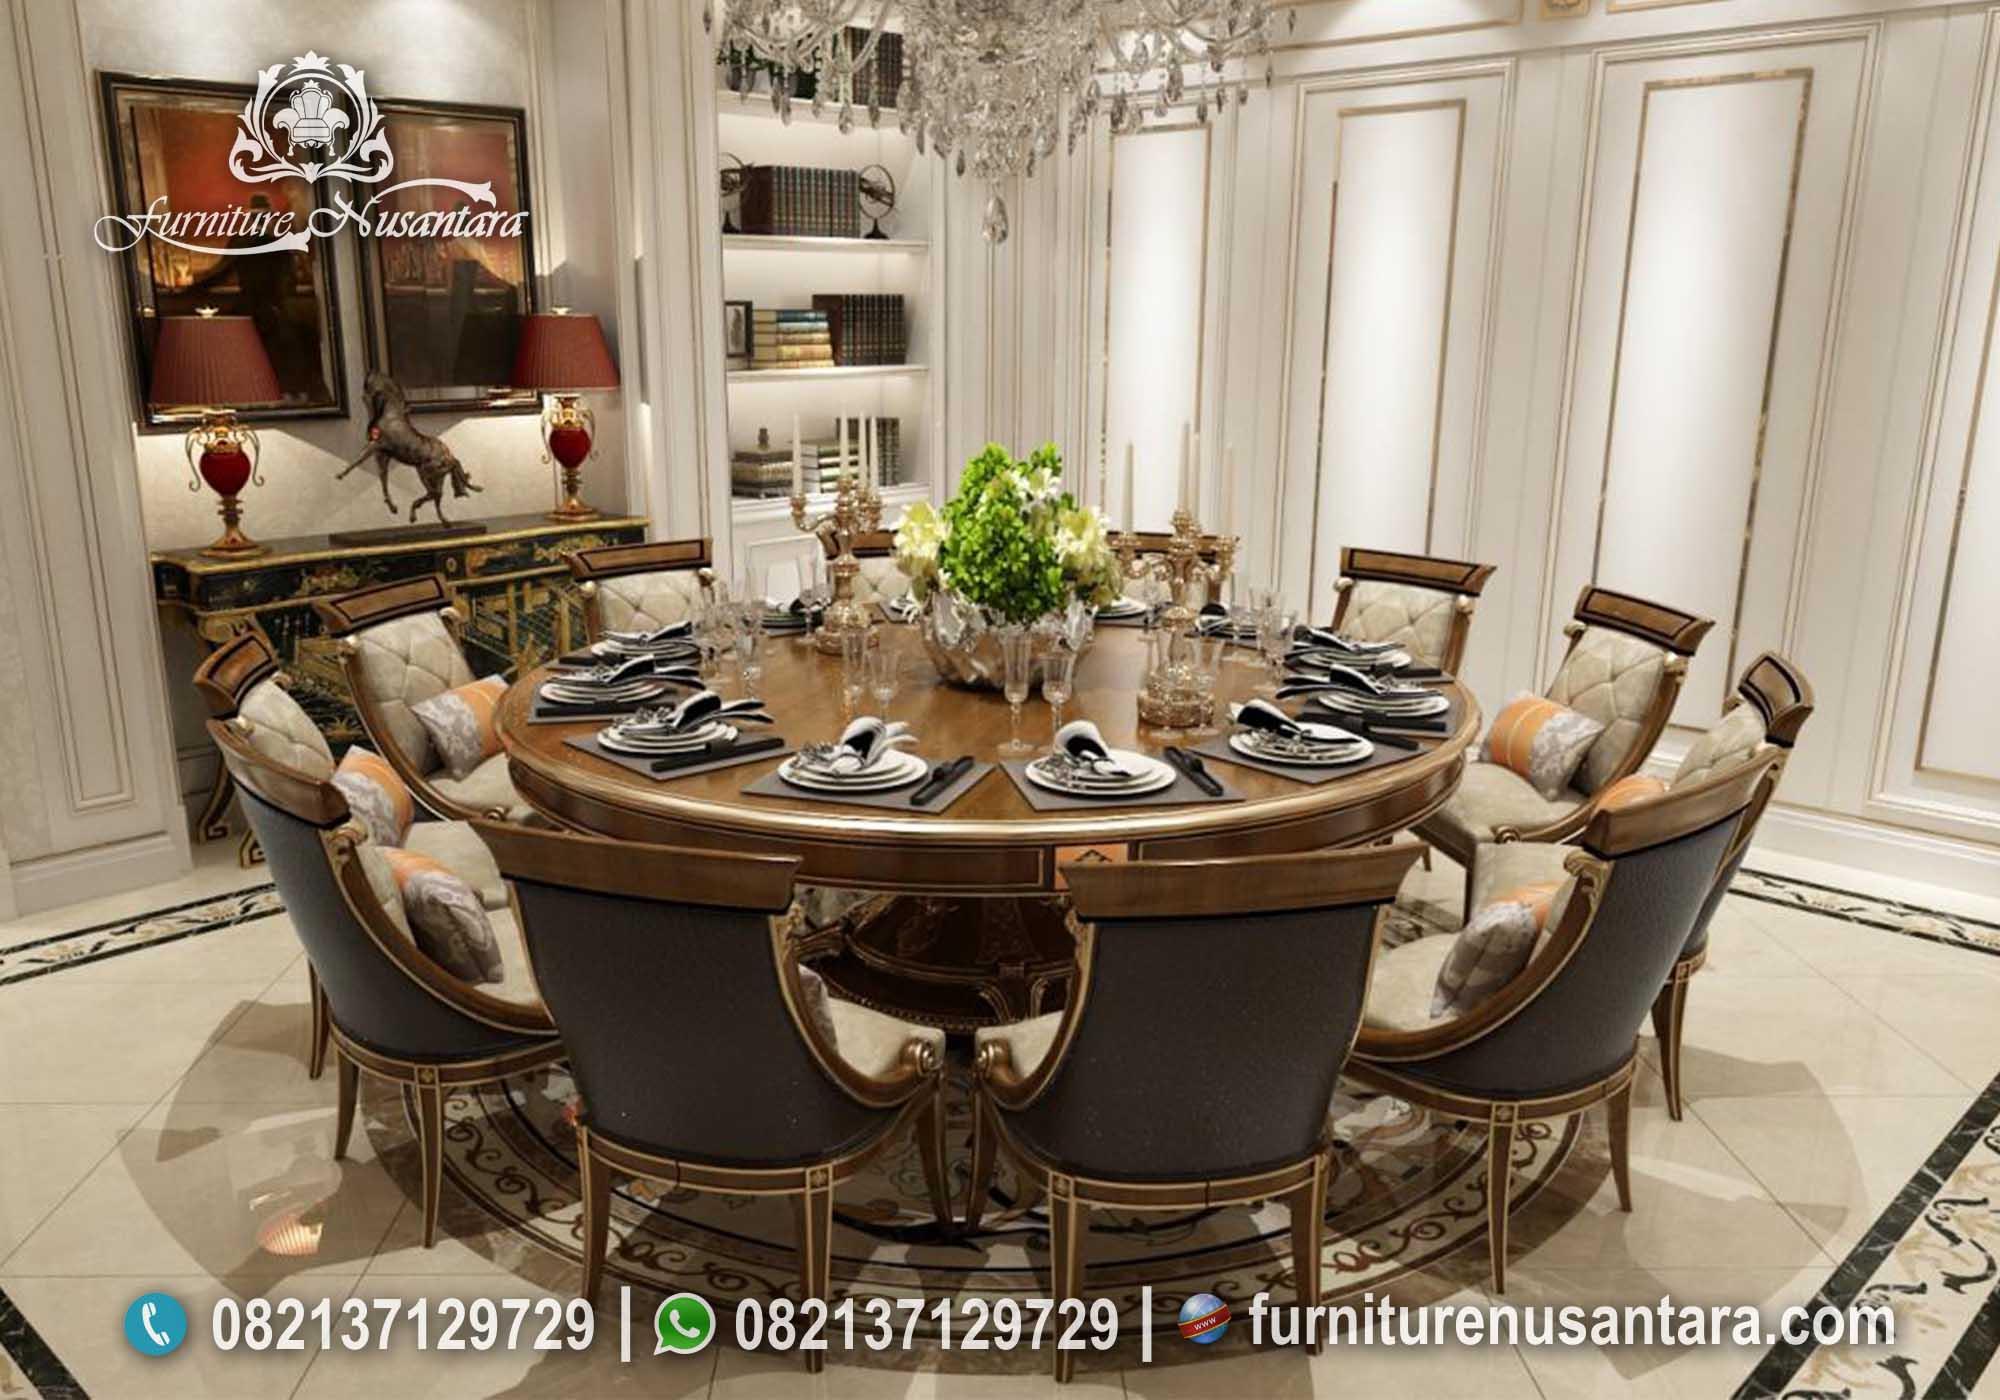 Meja Makan Bulat Natural Kayu Jati Terbaik MM-13, Furniture Nusantara